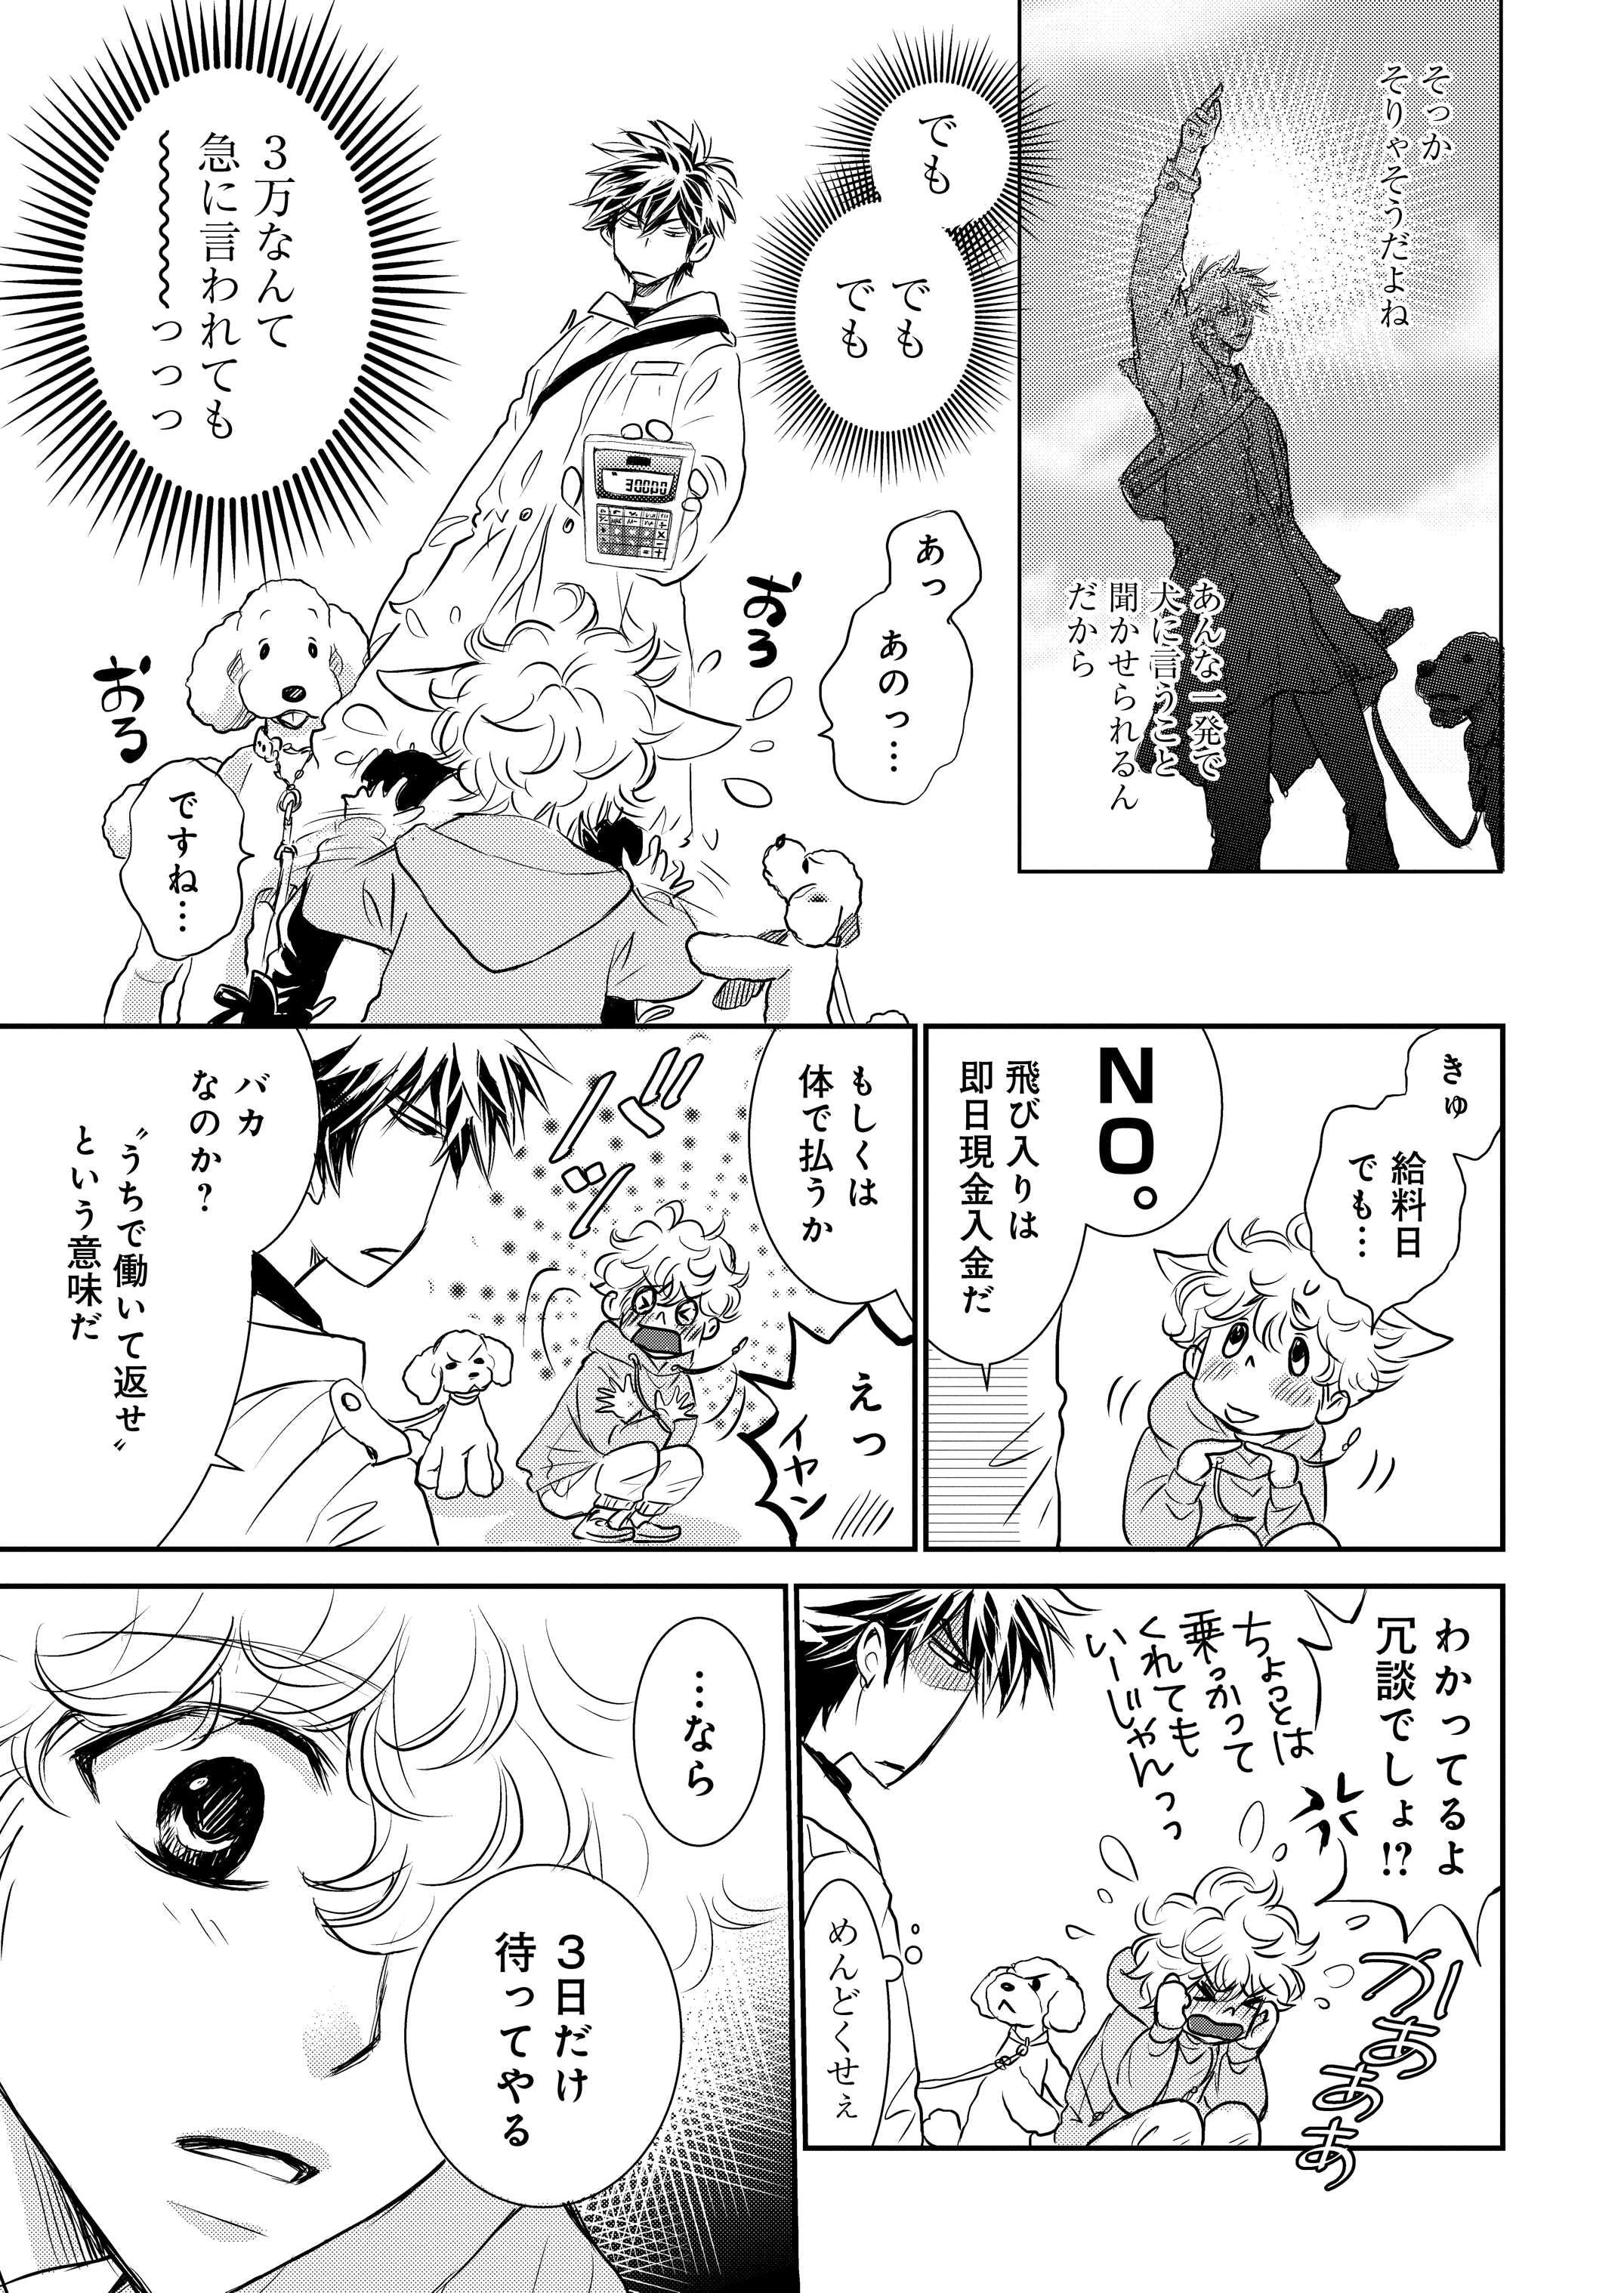 【新連載】『DOG SIGNAL』1話目③ 12ページ目